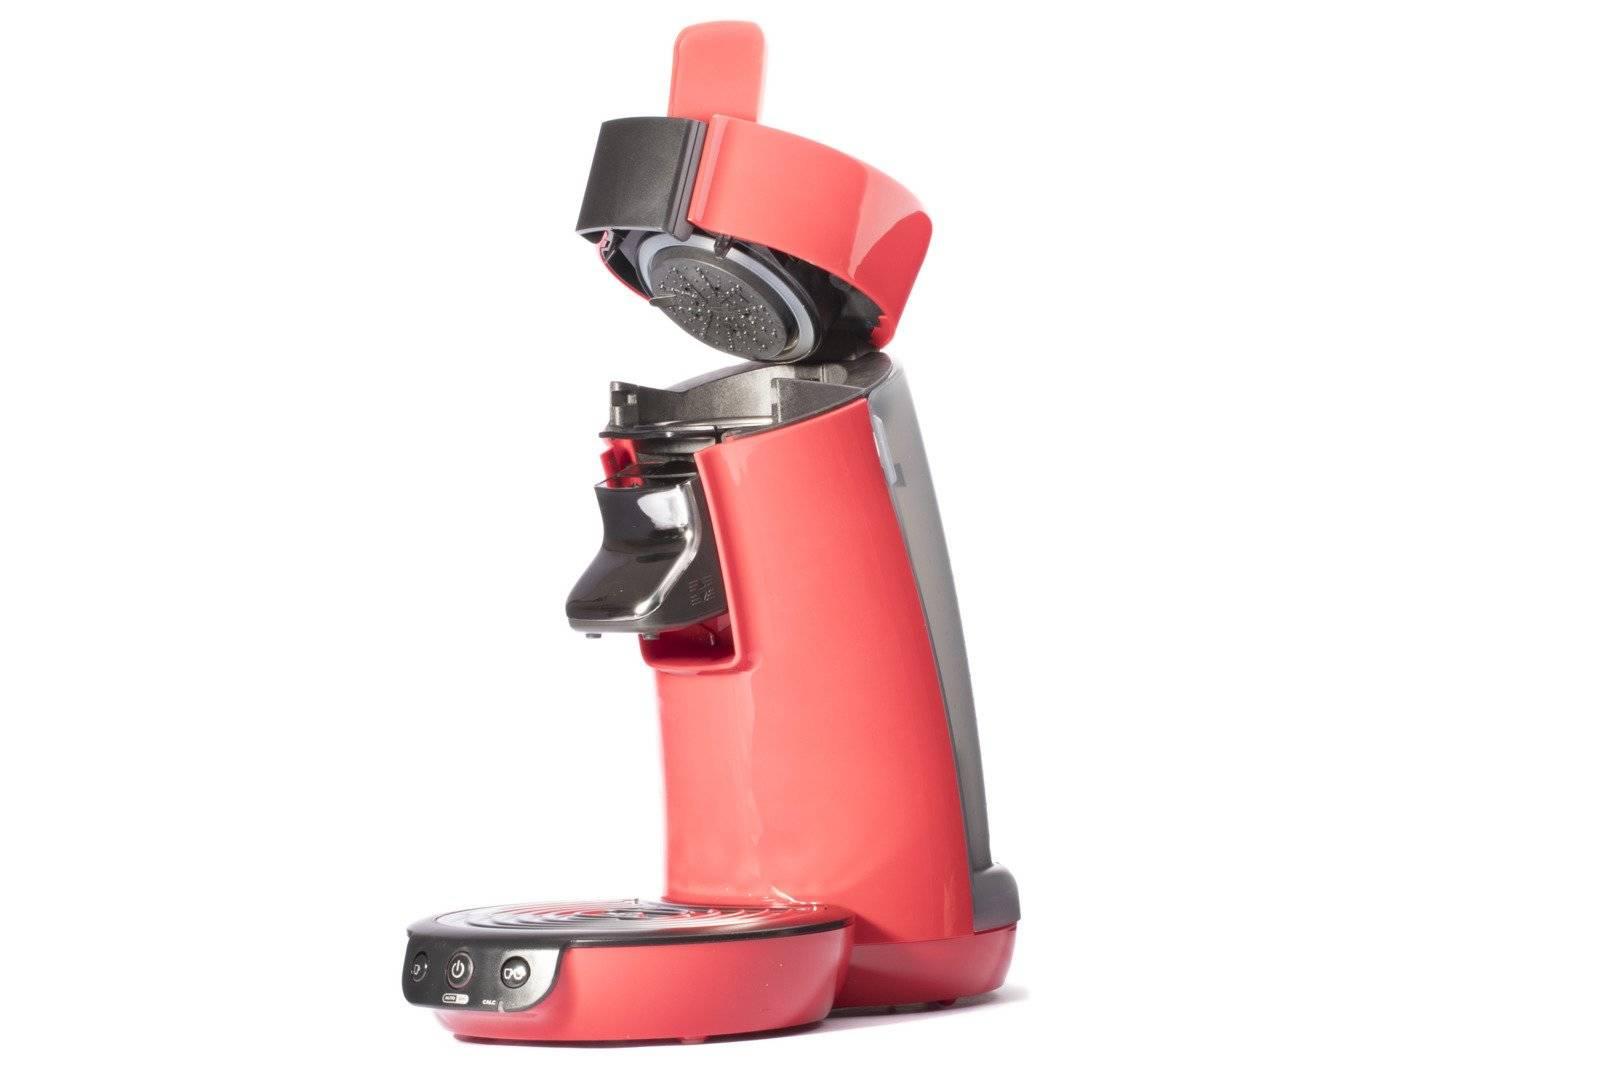 Kaffeemaschine Philips Senseo HD 7829 Beschädigt